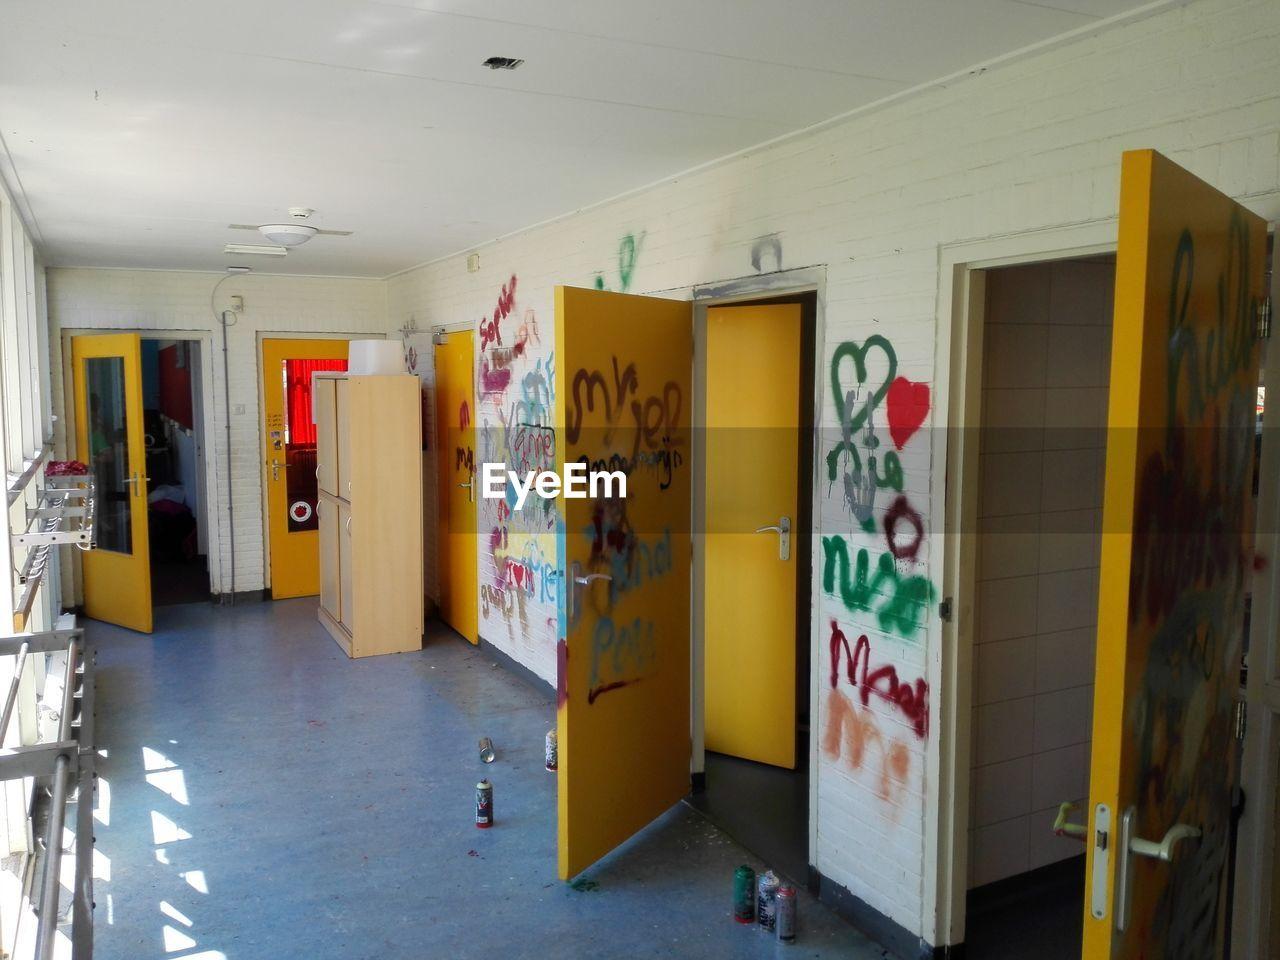 door, indoors, architecture, no people, day